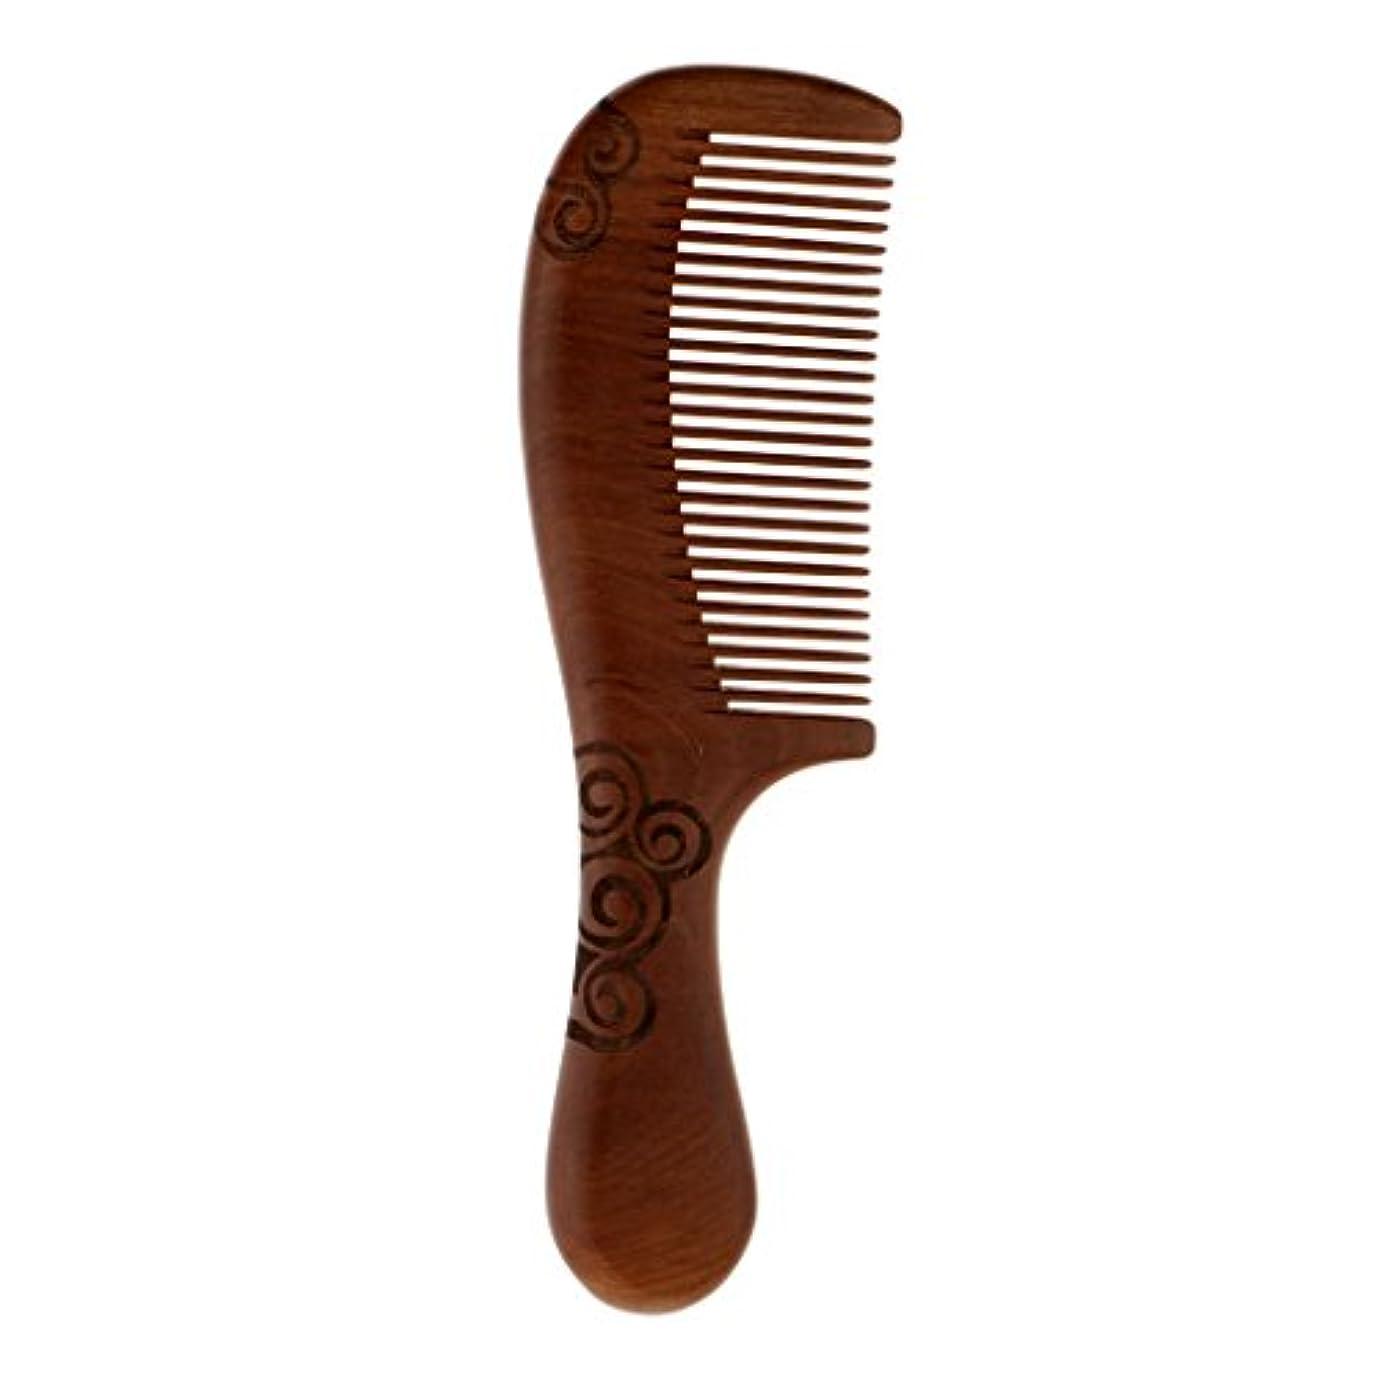 サンプル苦情文句放出ヘアコーム 櫛 木製 美髪ケア 頭皮マッサージ 帯電防止 髪の櫛 ヘアケア 頭皮に優しい